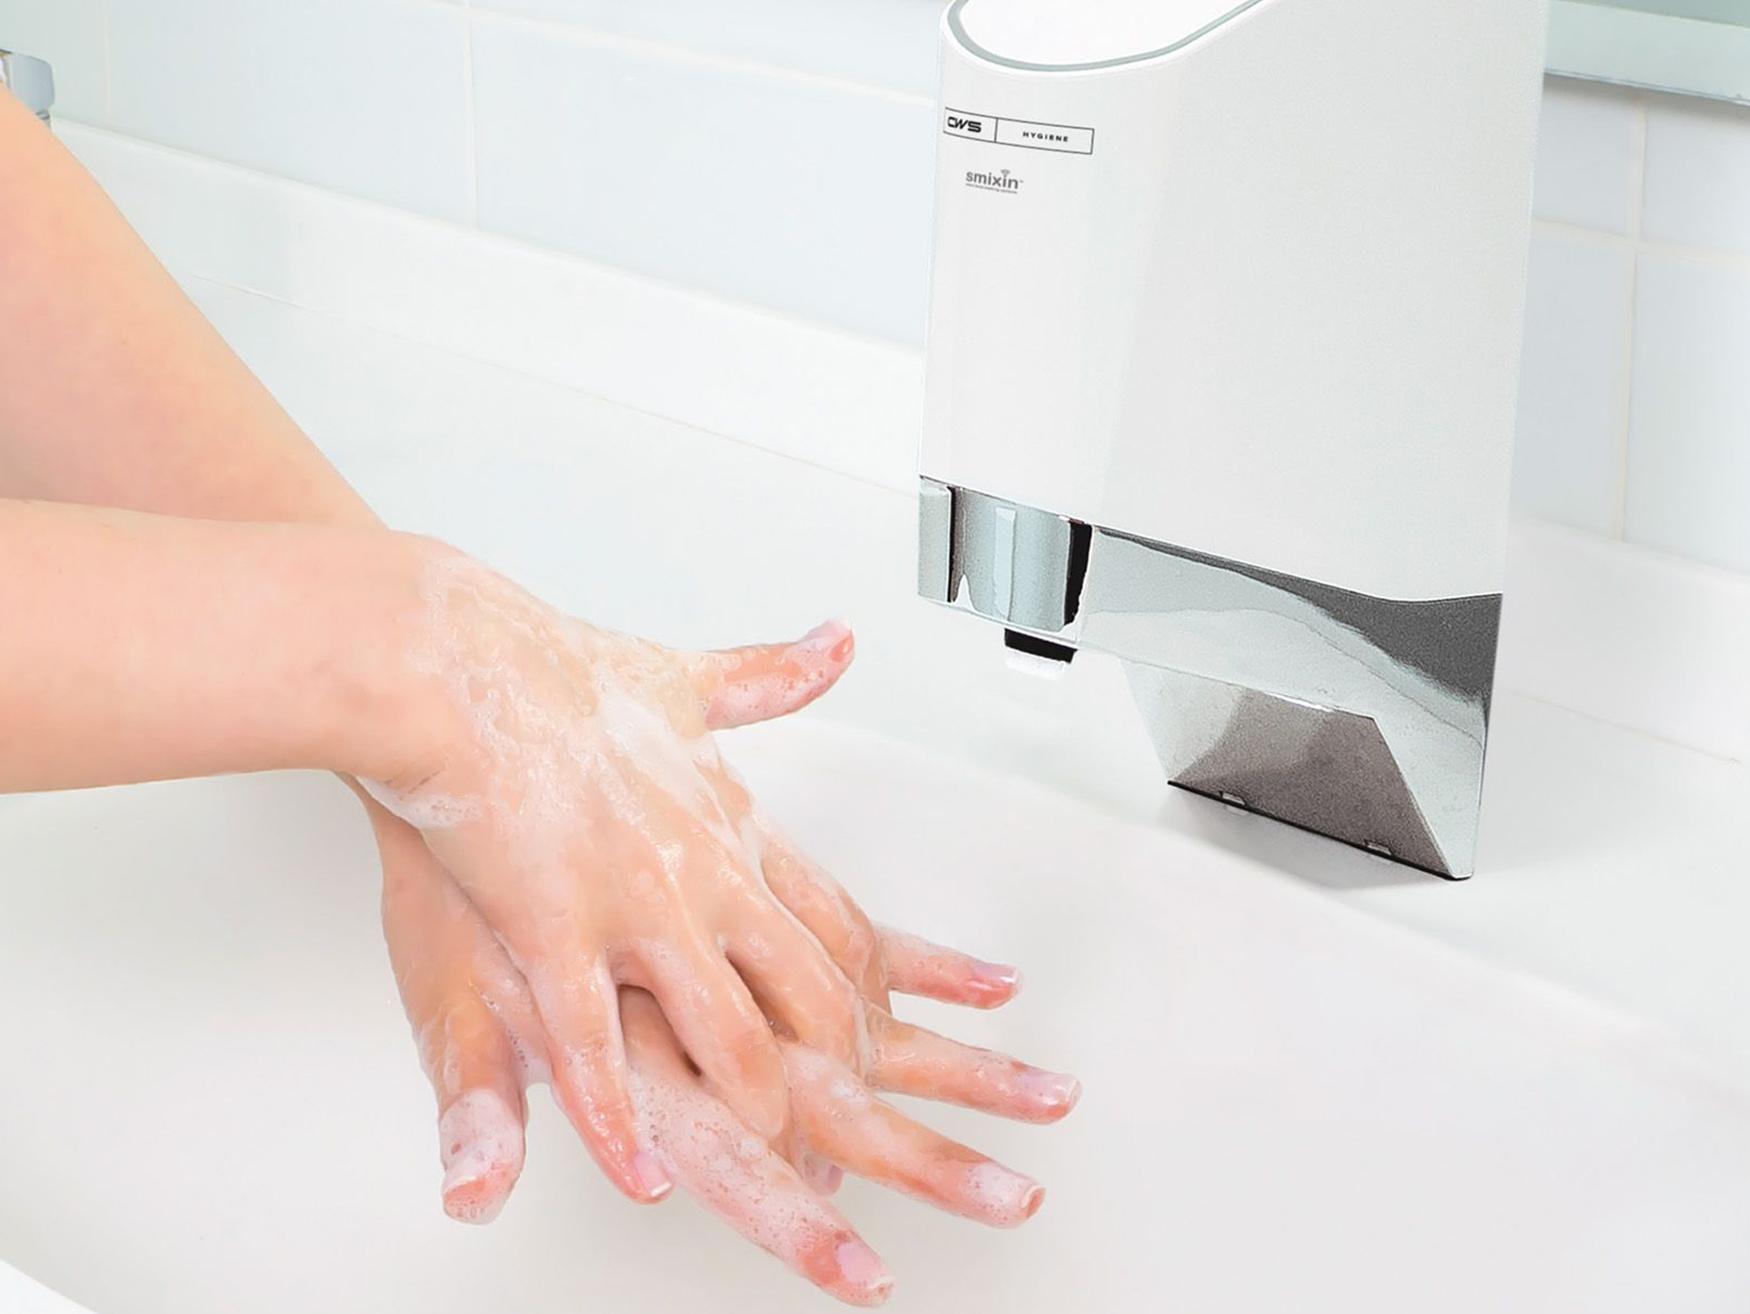 Hände werden unter einer CWS SmartWash Mischarmatur gewaschen